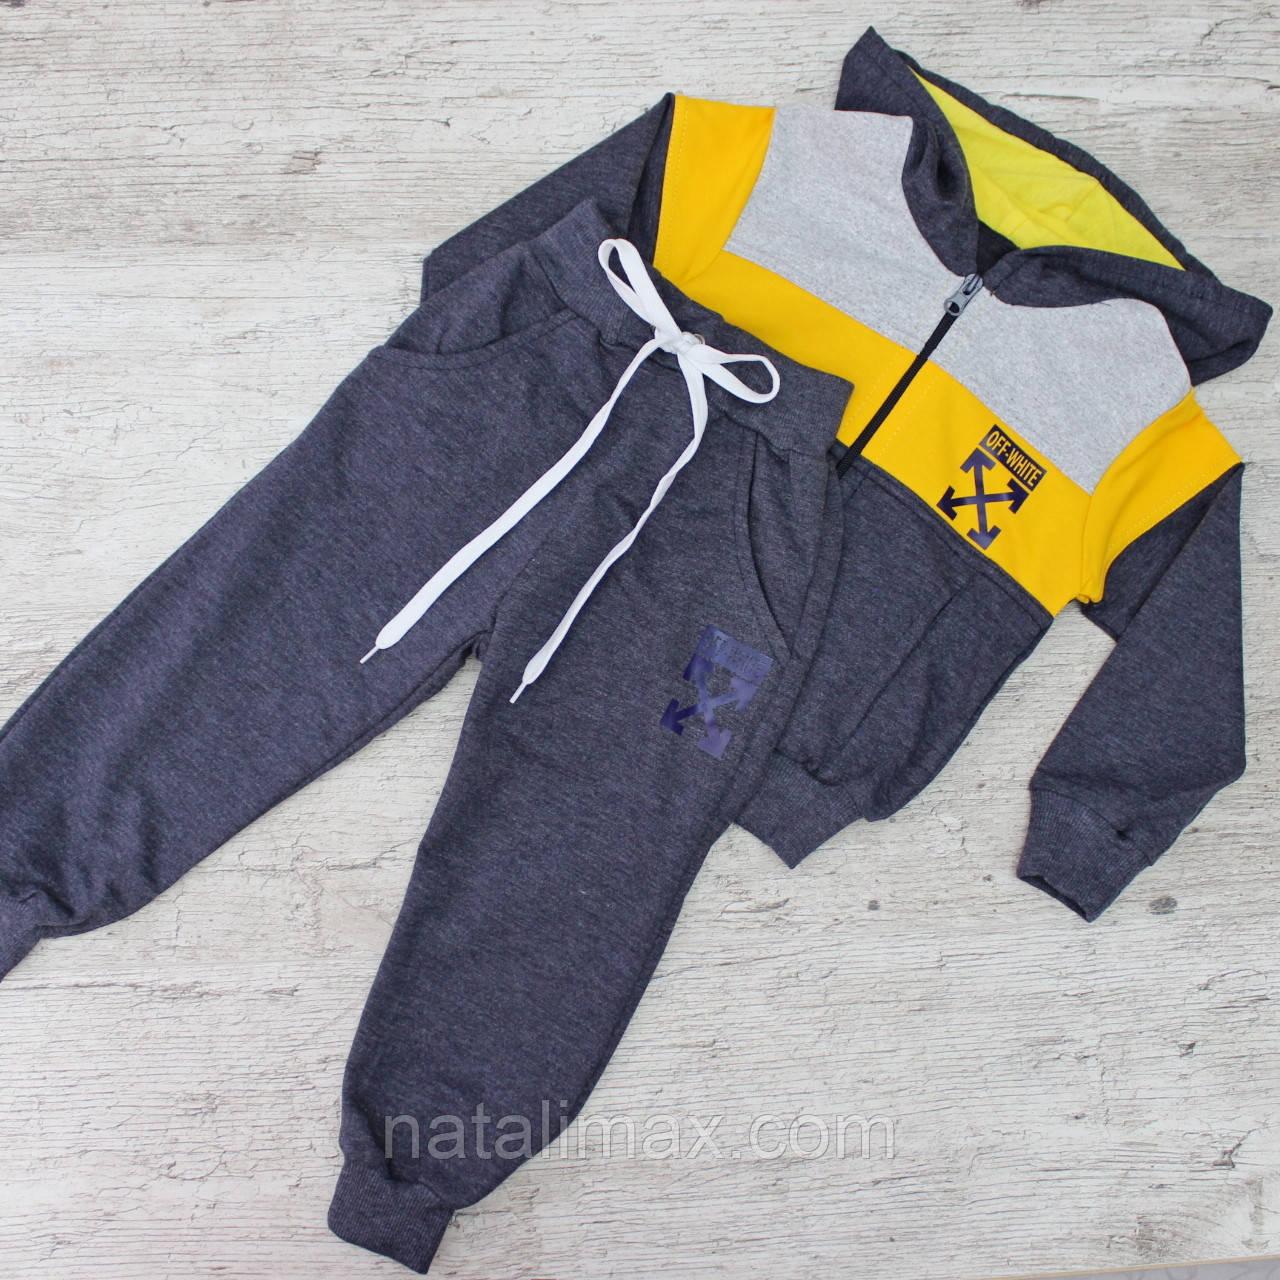 Костюм спортивный для мальчика ДВУНИТКА, РОСТОВКА от 92 до 116. Качественный детский костюм